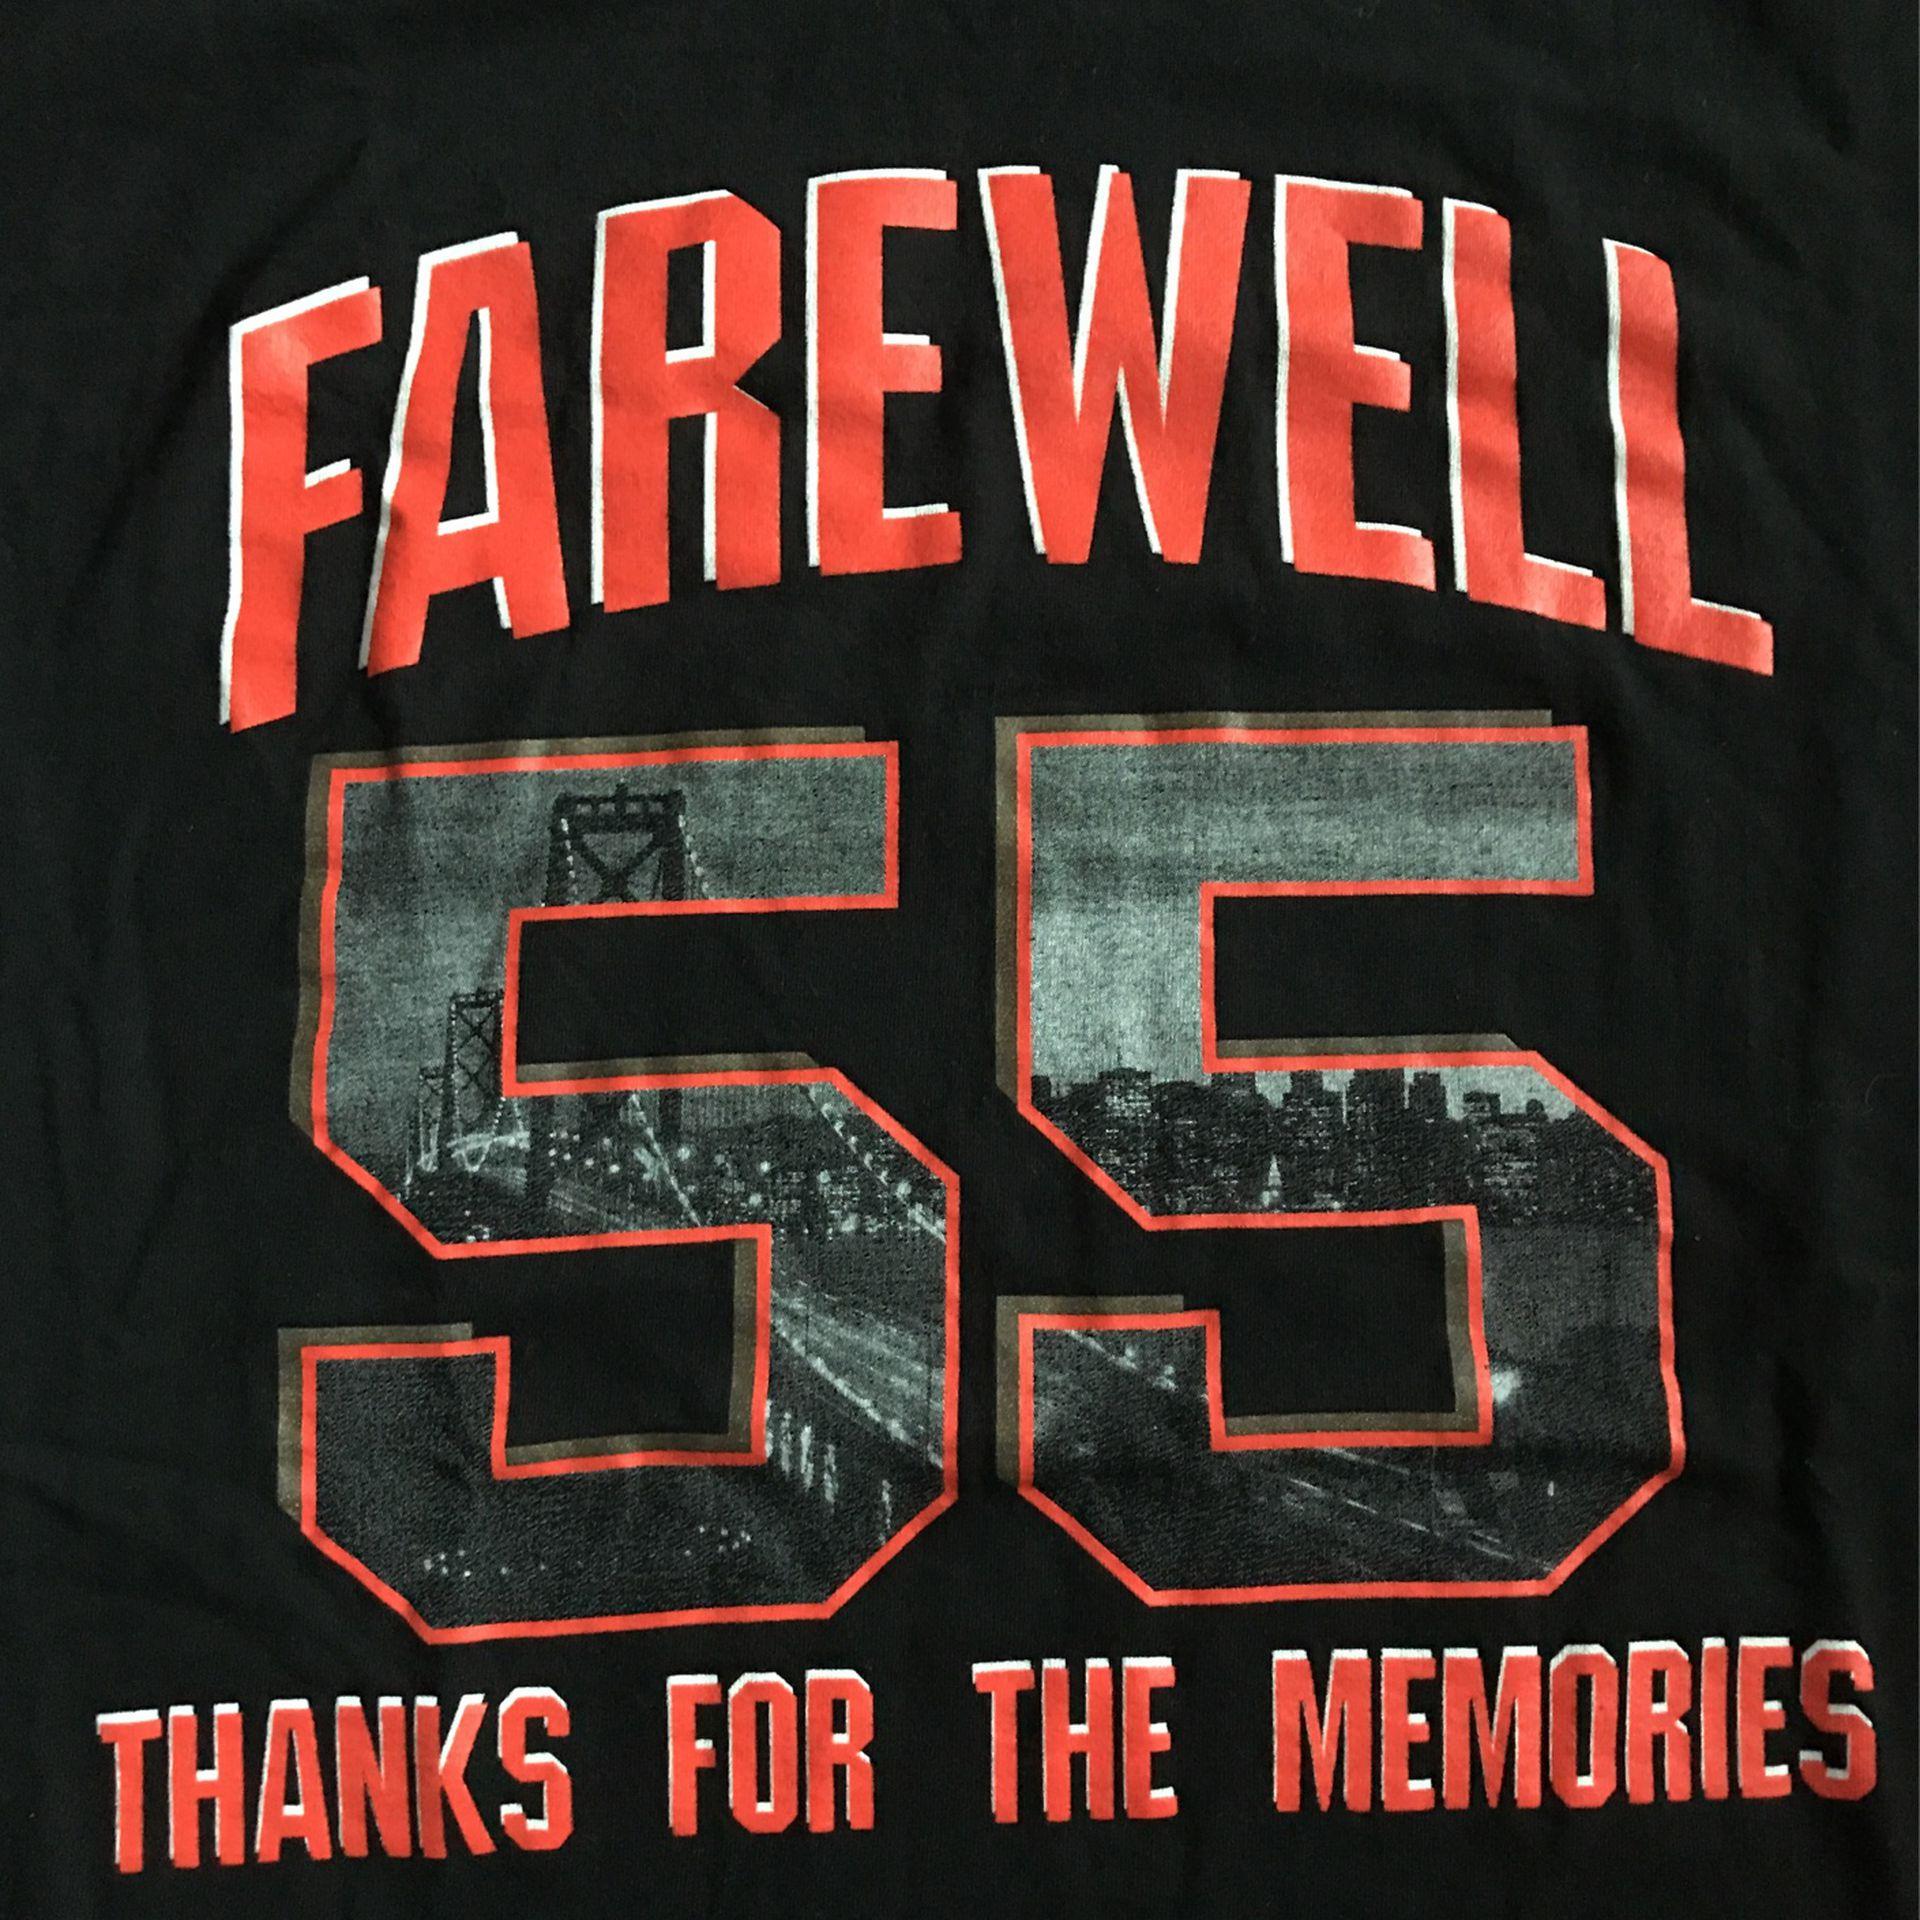 San Francisco Giants Tim Lincecum Farewell Shirt